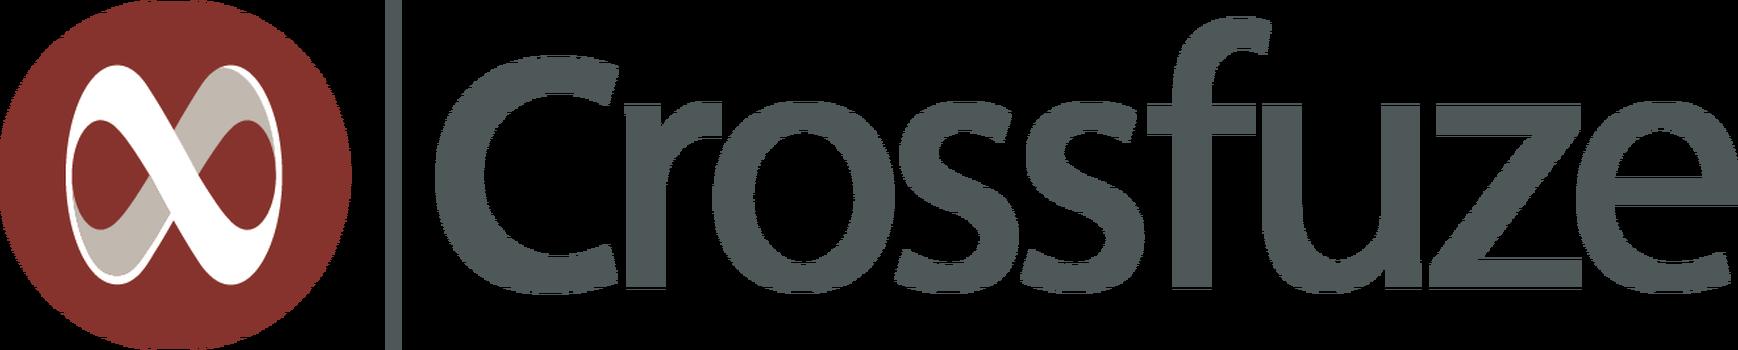 Crossfuze Resource Hub logo